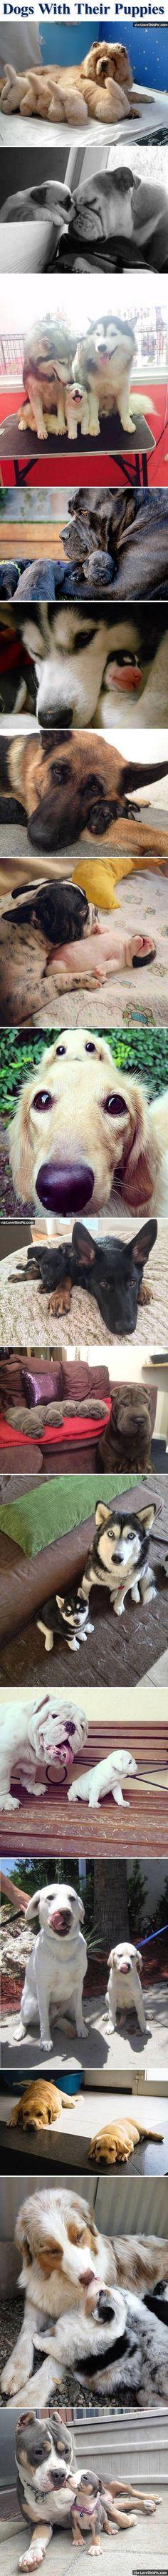 Hunde mit ihren Welpen <3 | www.lovethispic.com